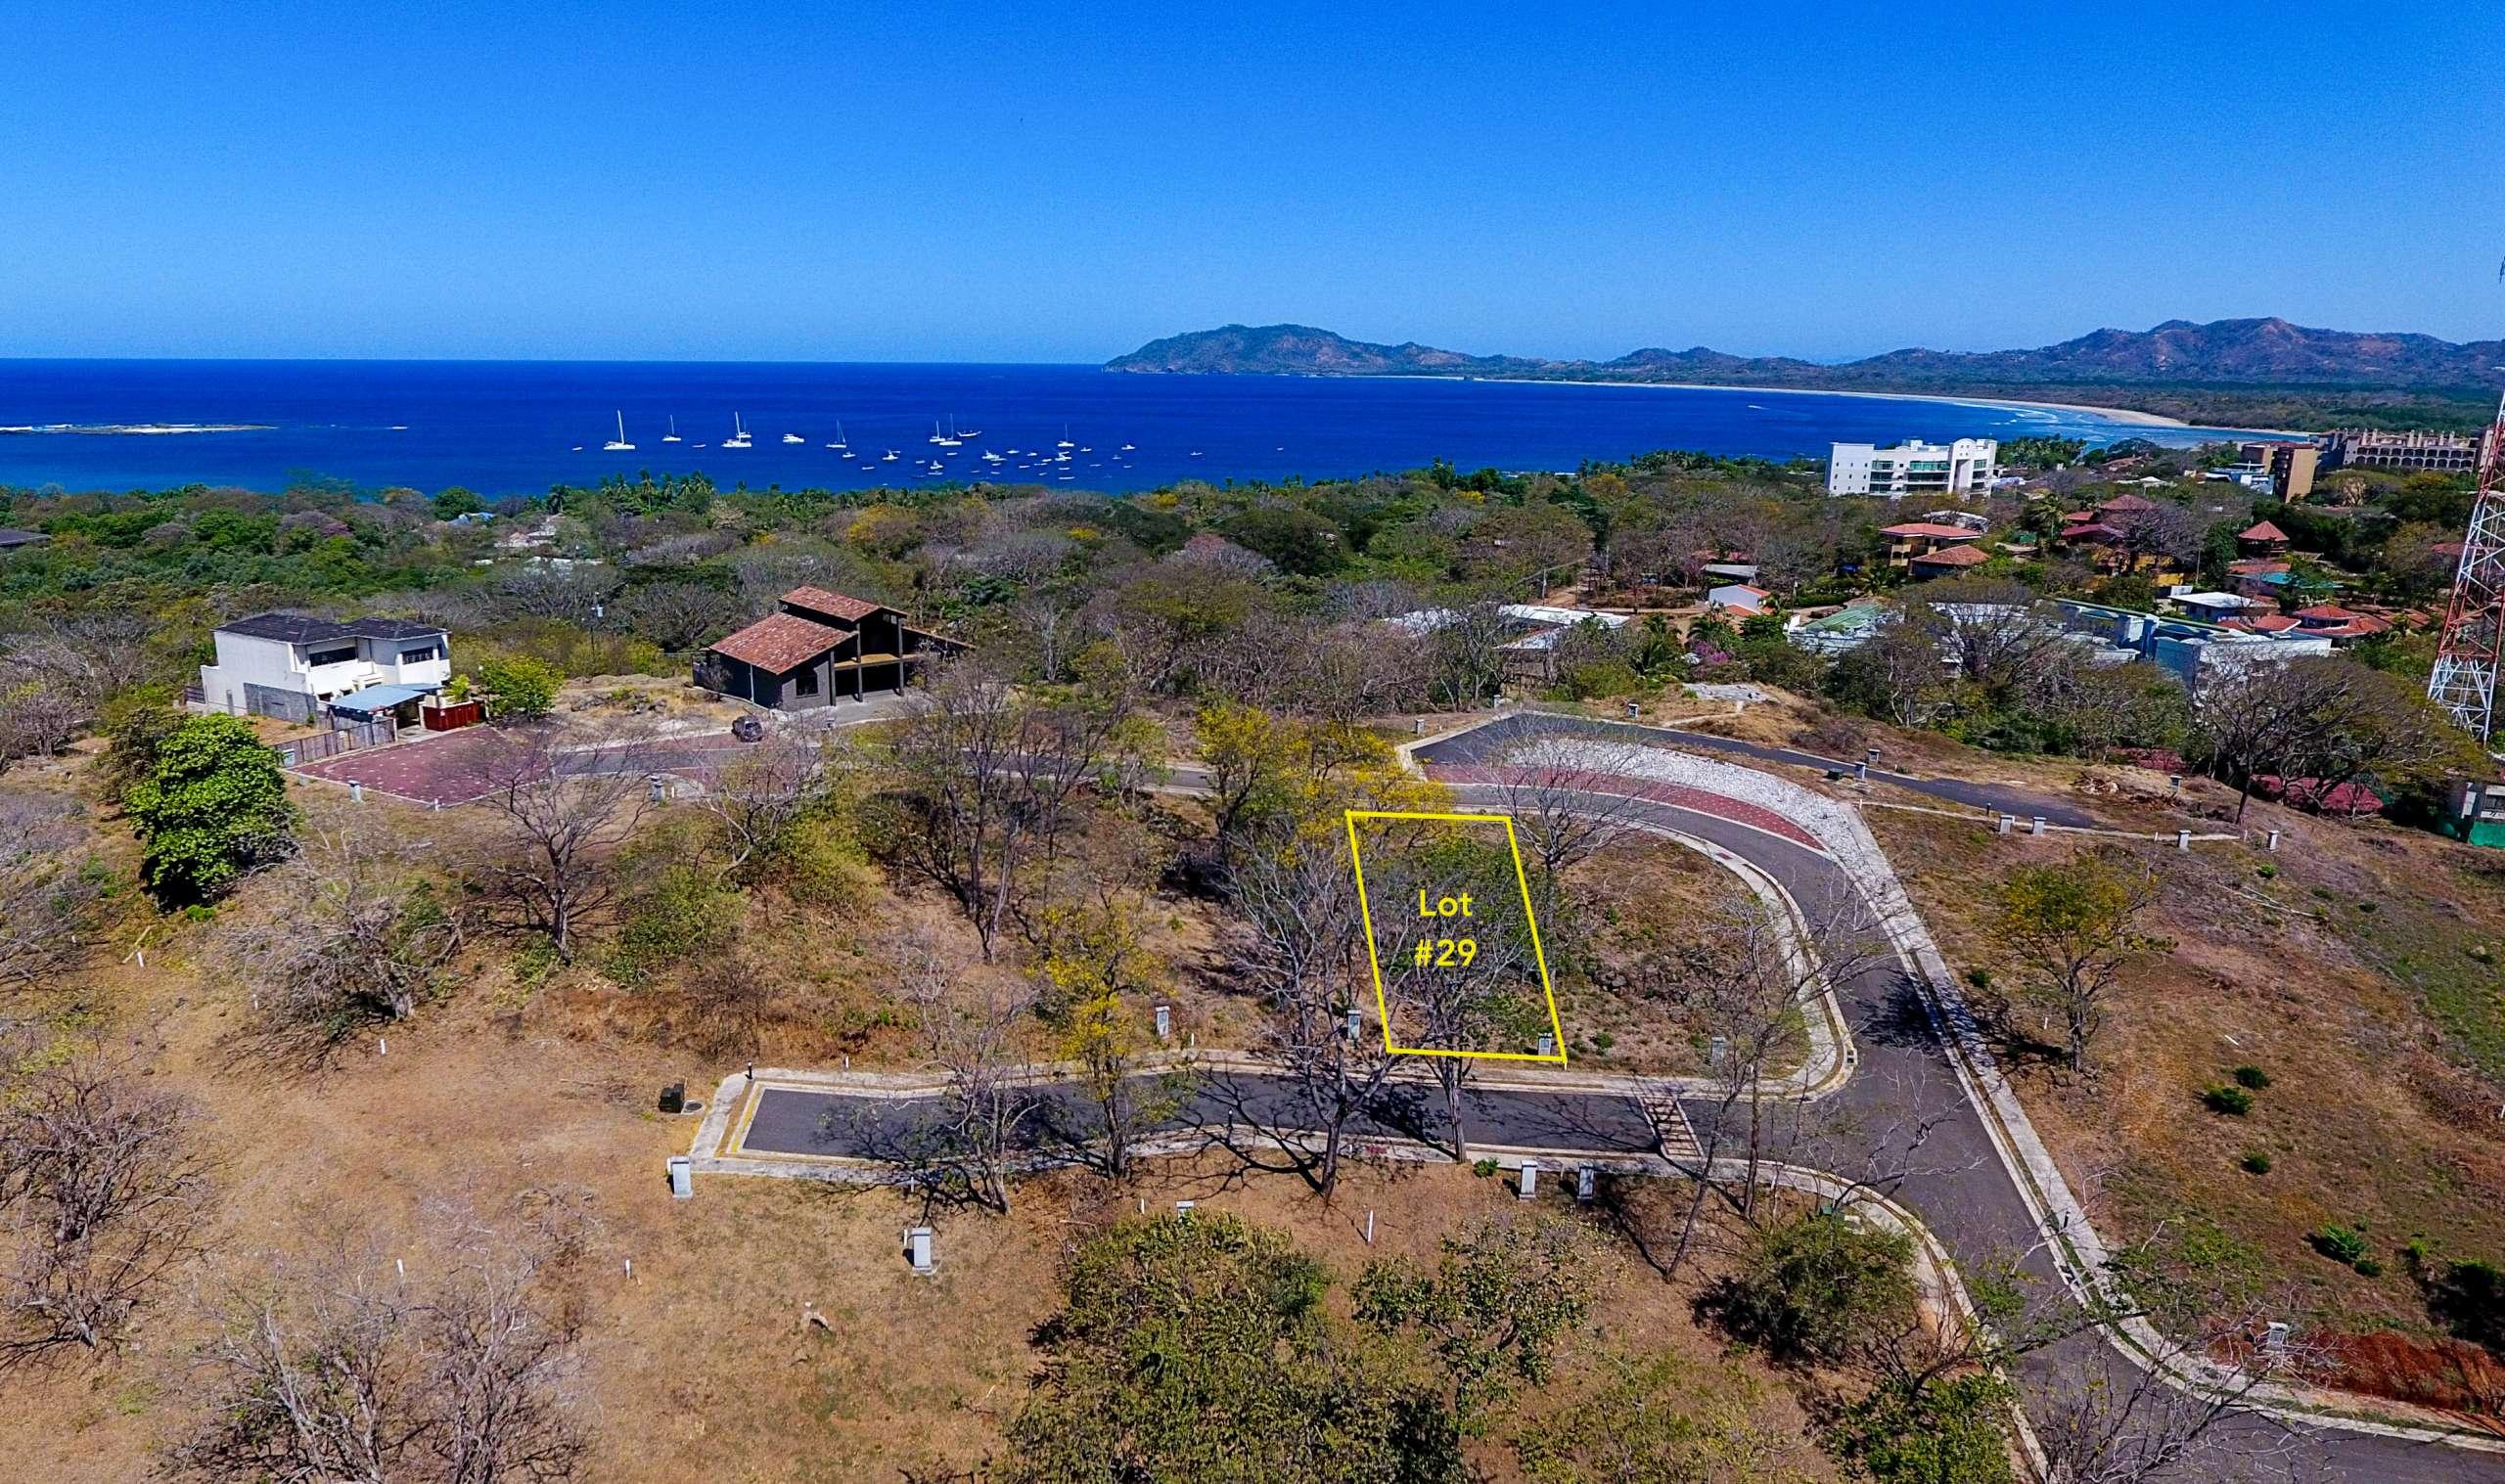 Hill Top Estates Homesite #29